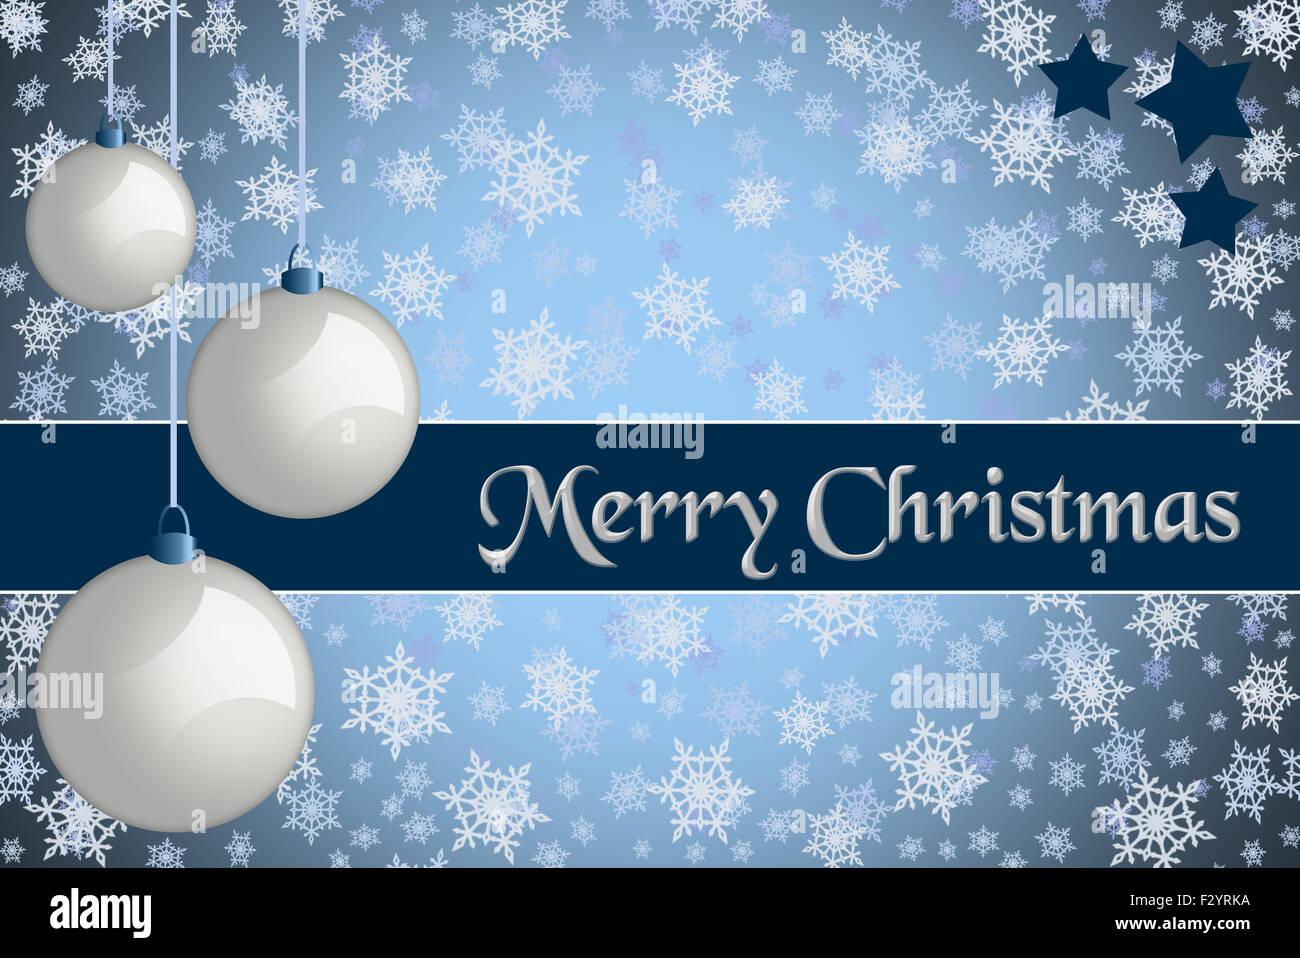 Weihnachts-Grußkarte. \'Frohe Weihnachten\' blau gefärbt ...